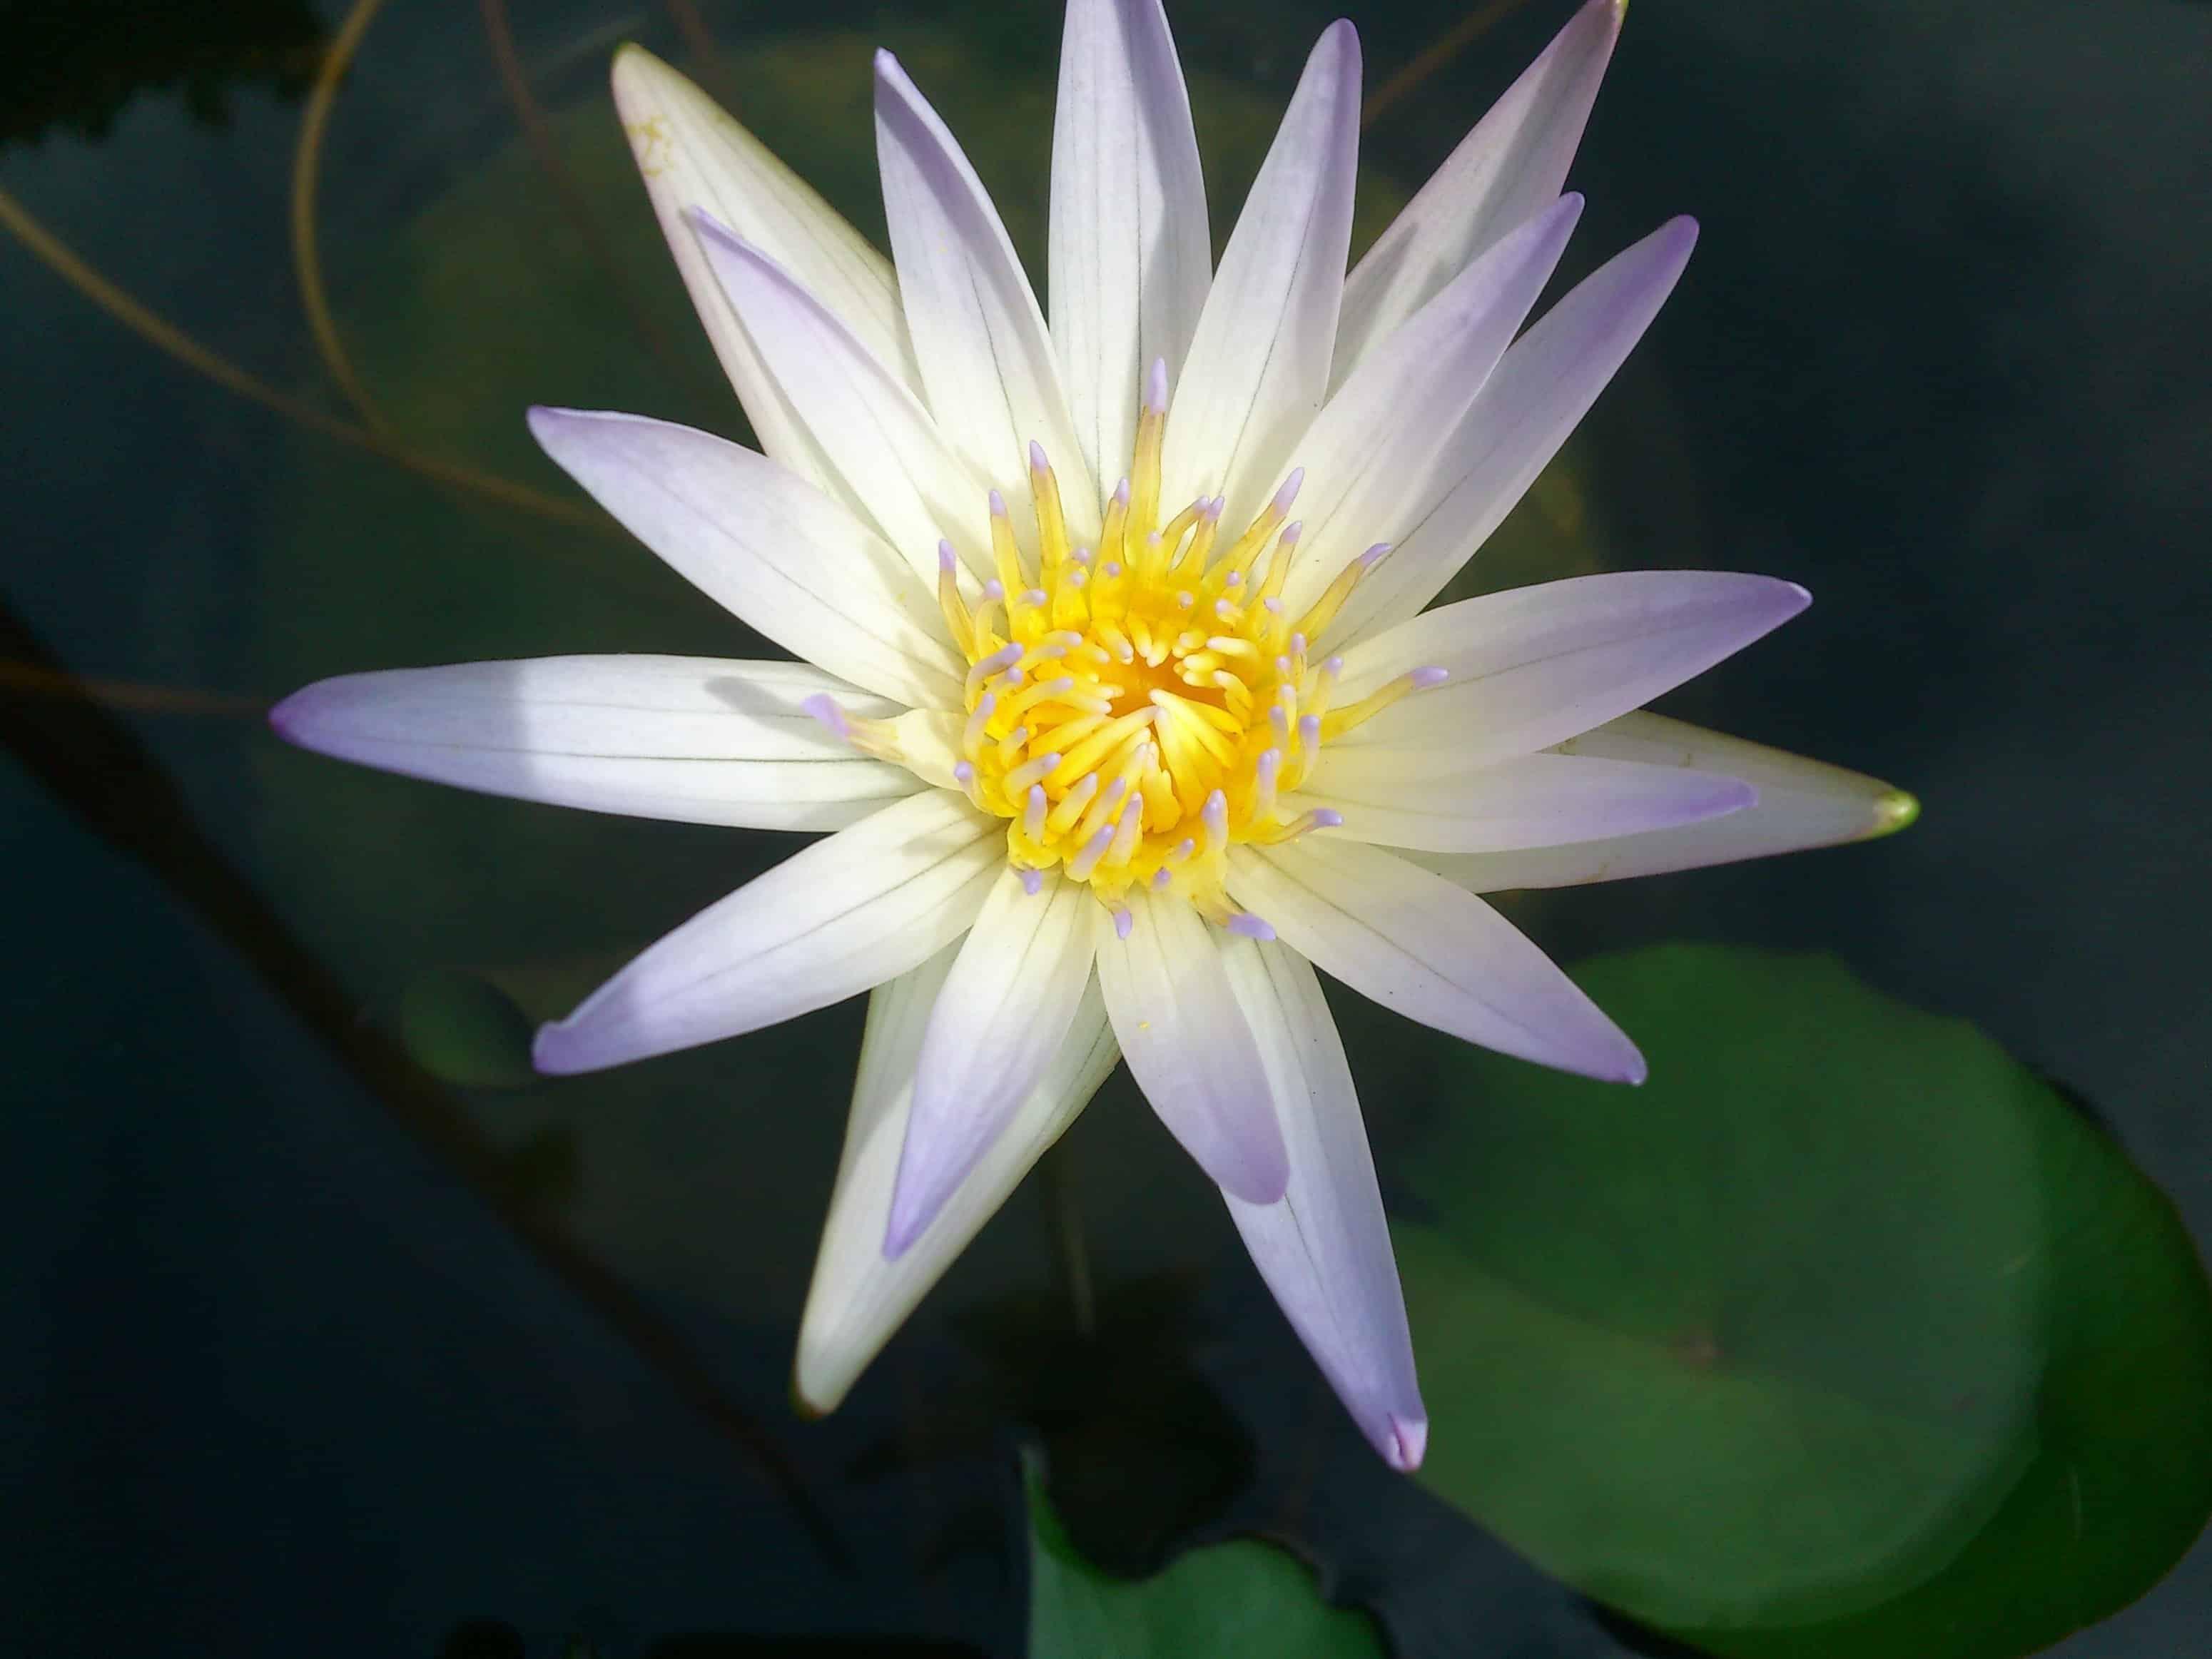 plante verte avec fleur blanche